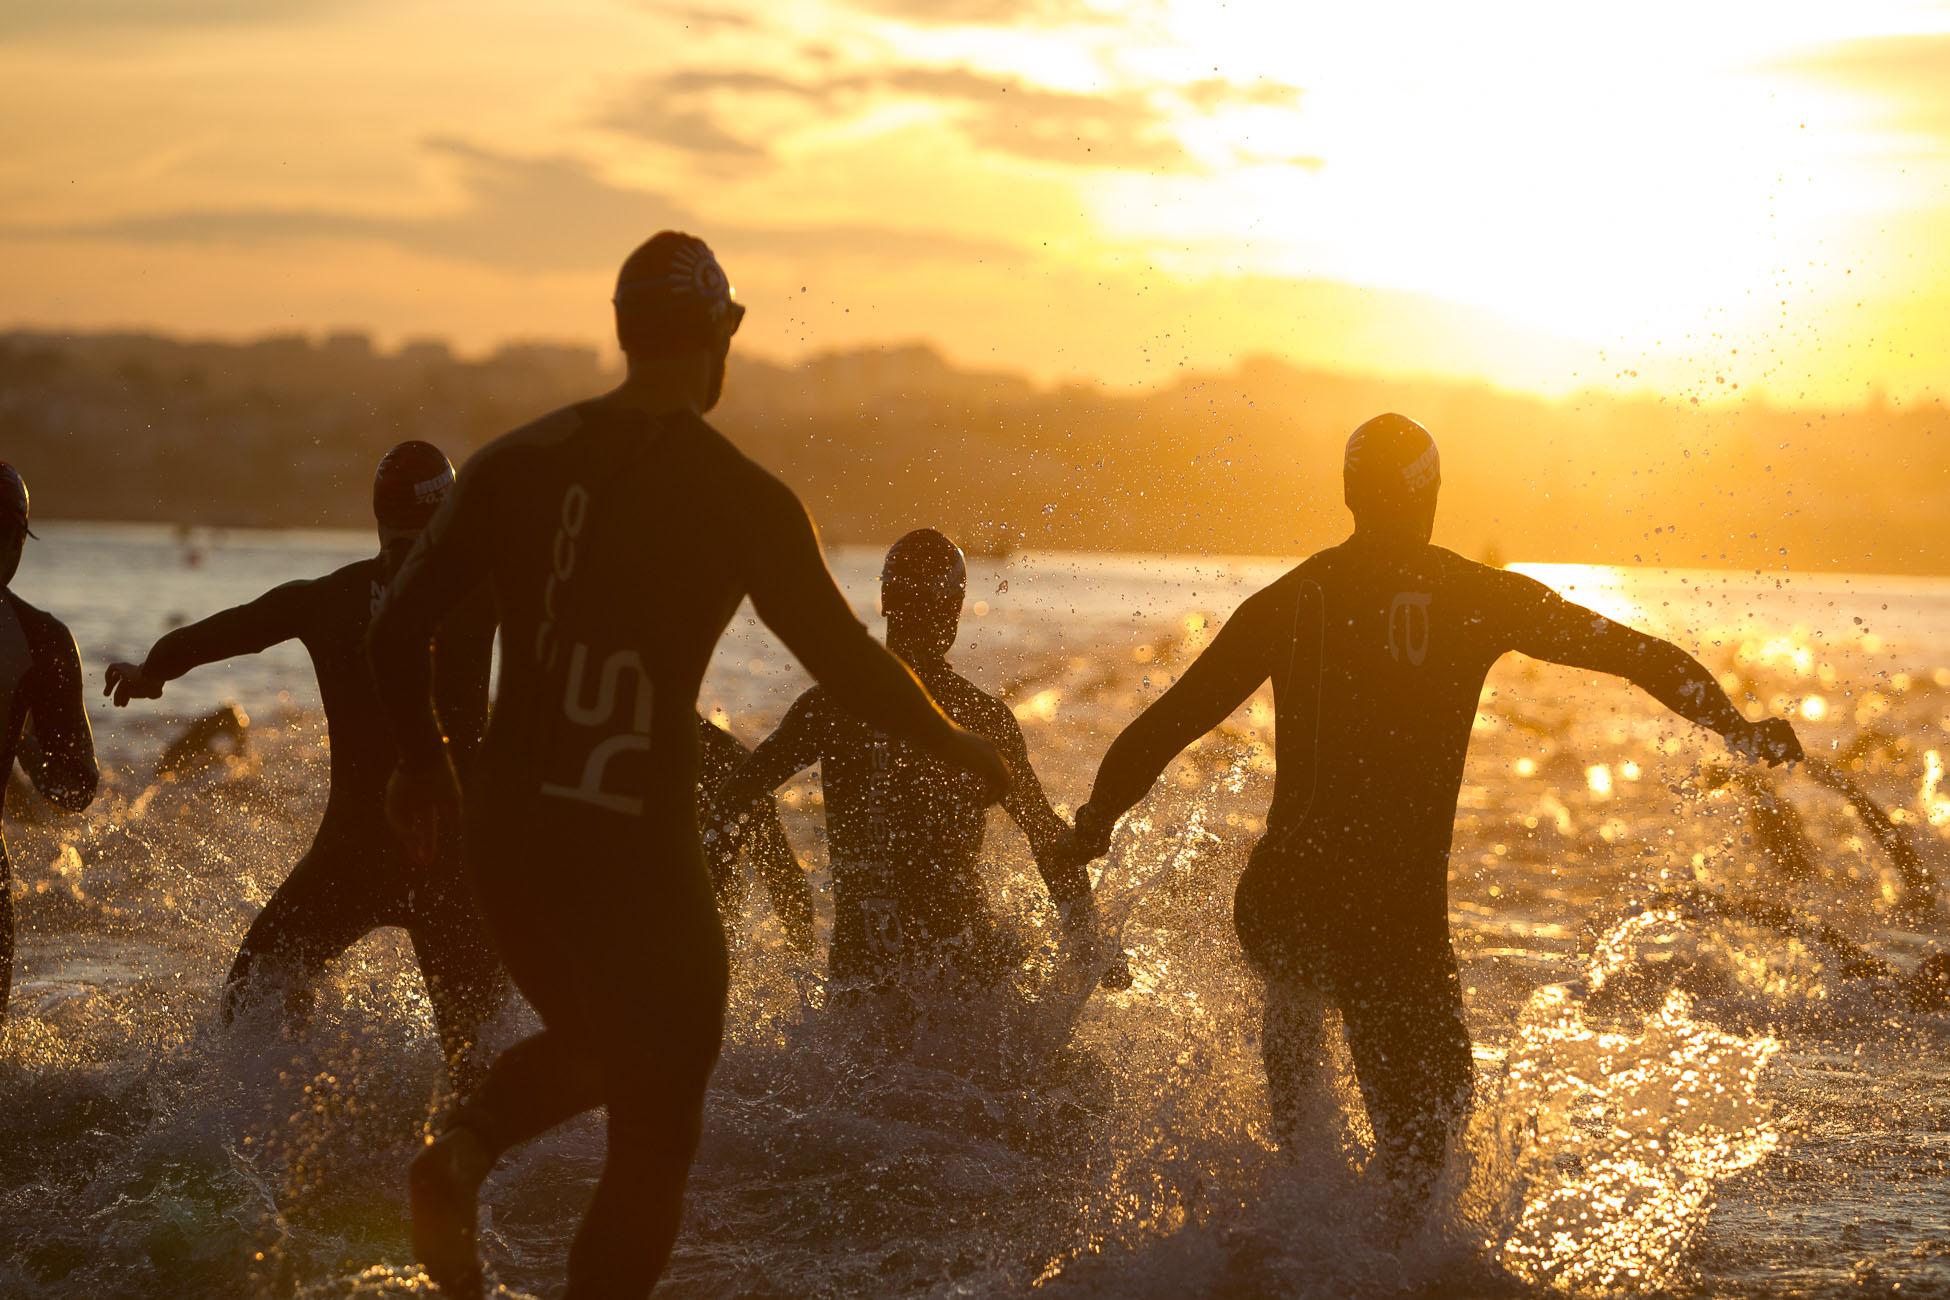 ironman-triatlo-fitness-lifestyle-desporto-atleta-fotografia-005.jpg